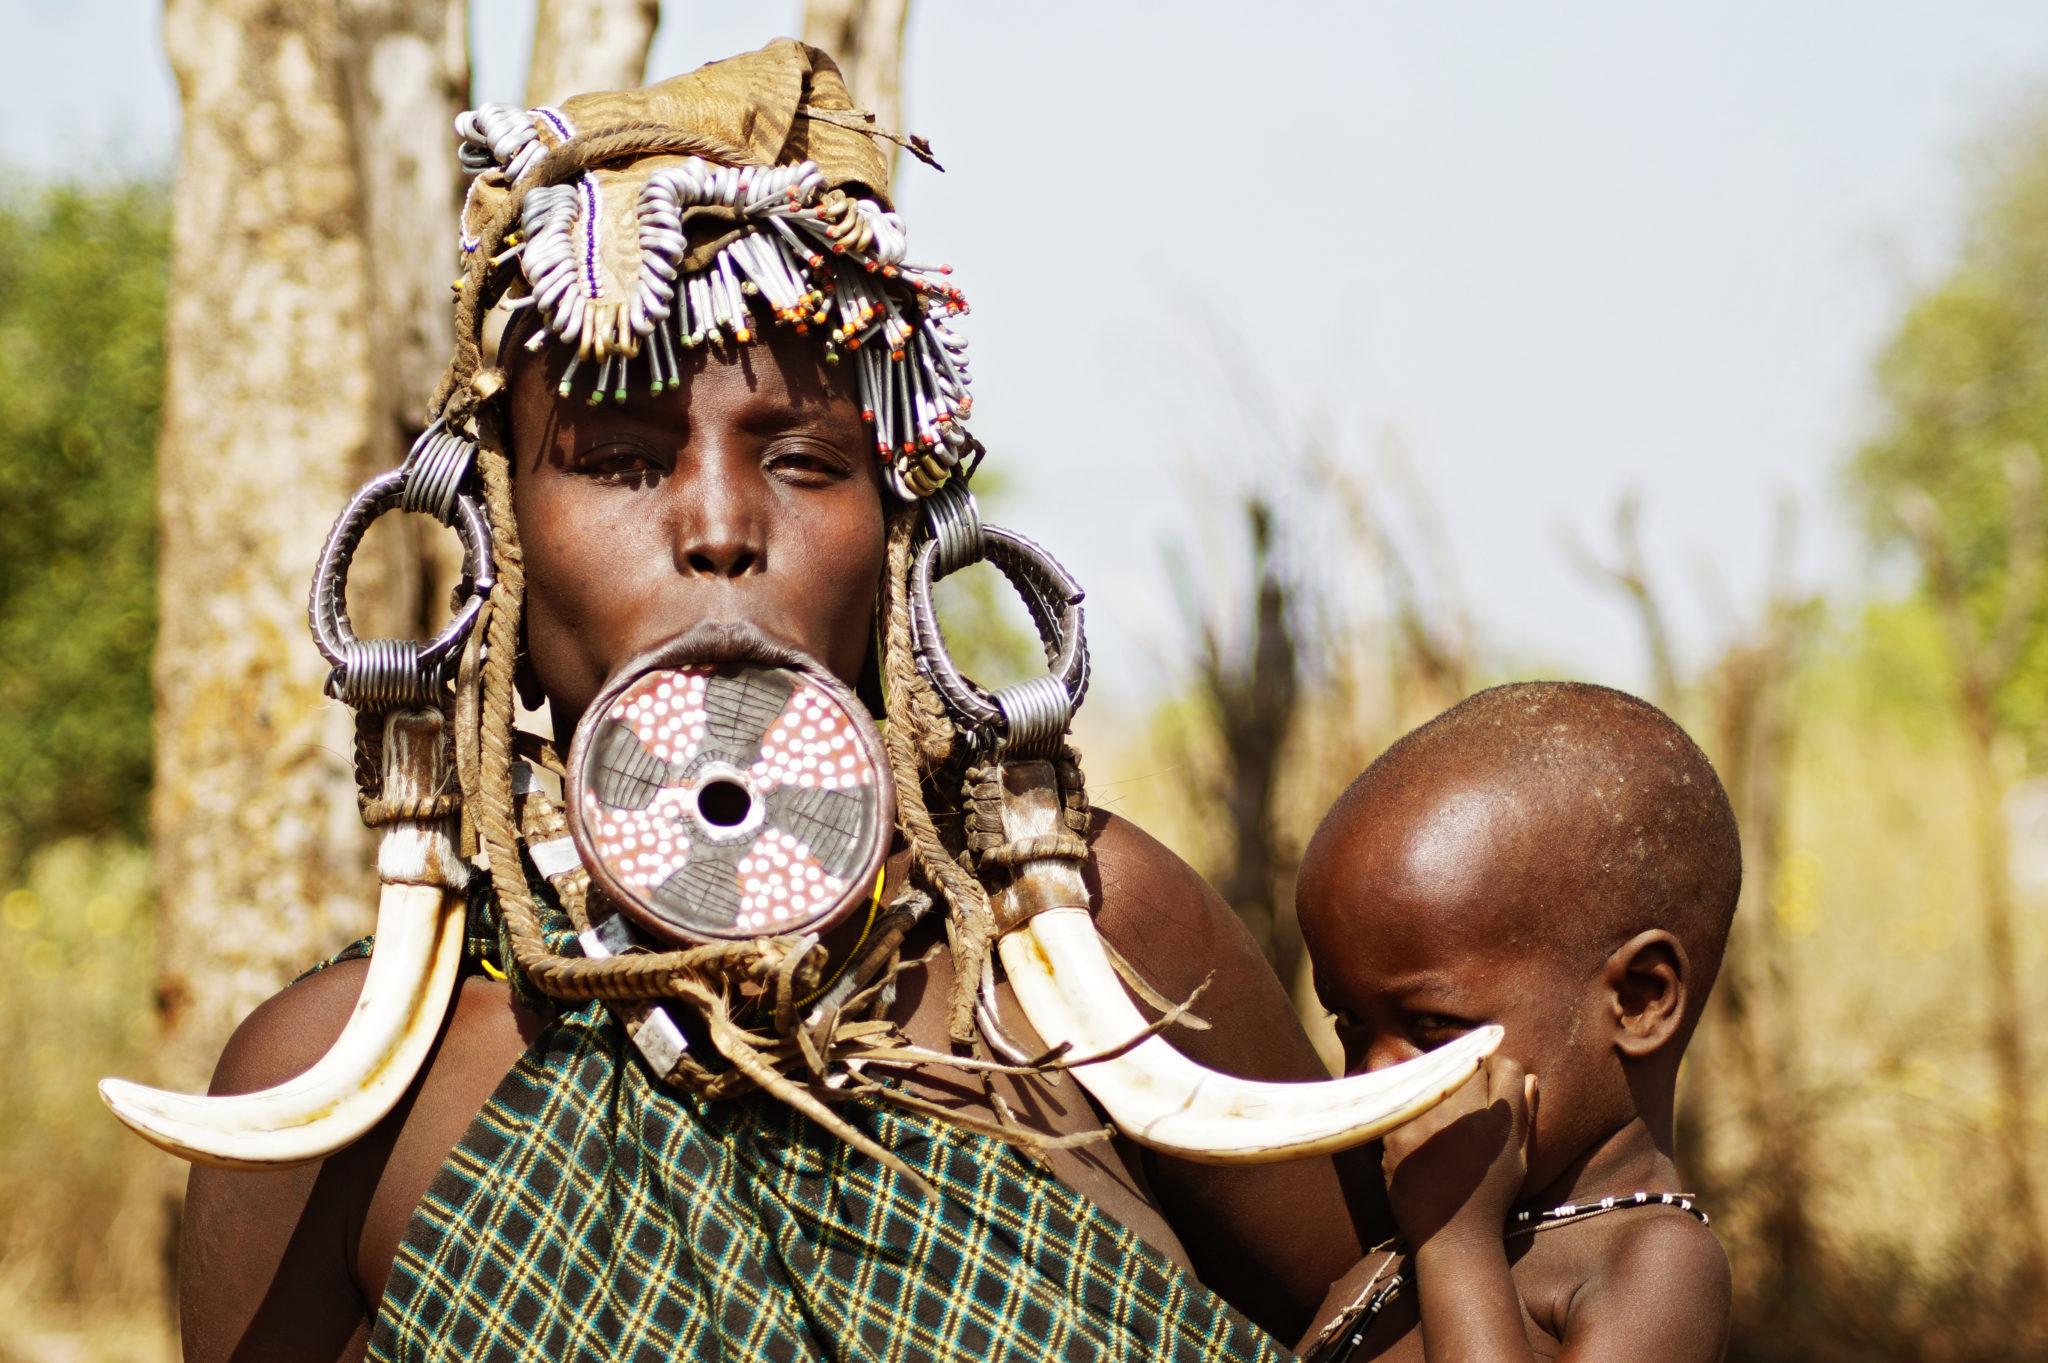 mursi-volk-aethiopien-frau-kind-hoerner